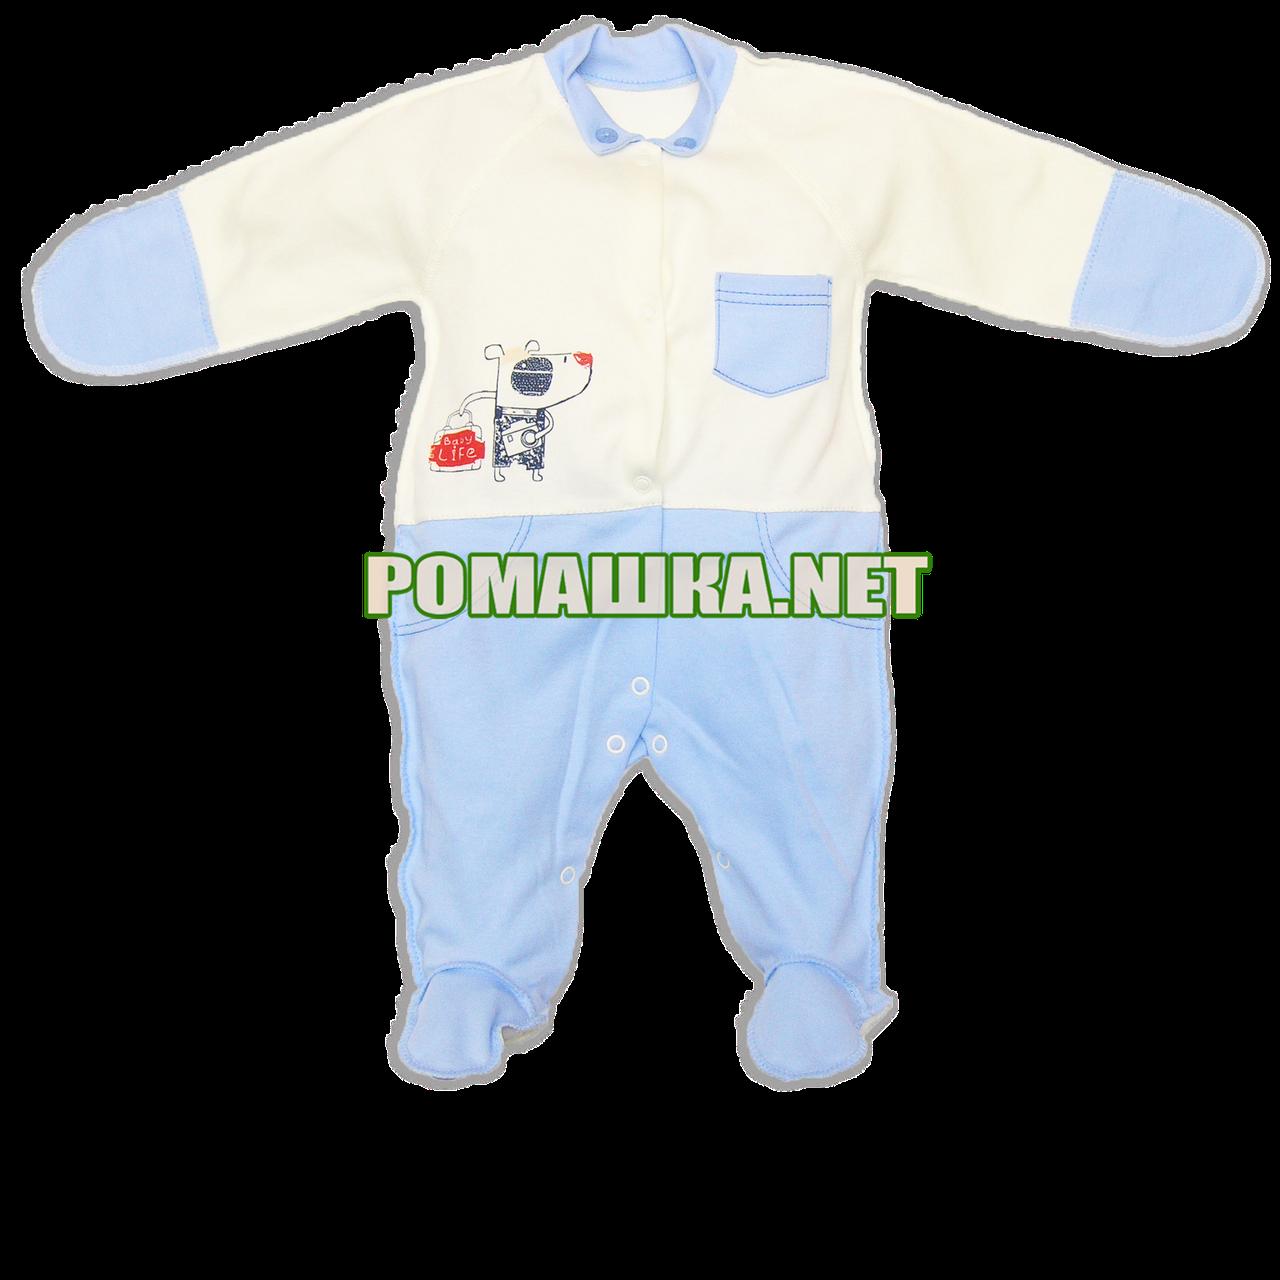 Человечек для новорожденного р. 56 демисезонный ткань ИНТЕРЛОК 100% хлопок ТМ Baby A 3193 Голубой, фото 1